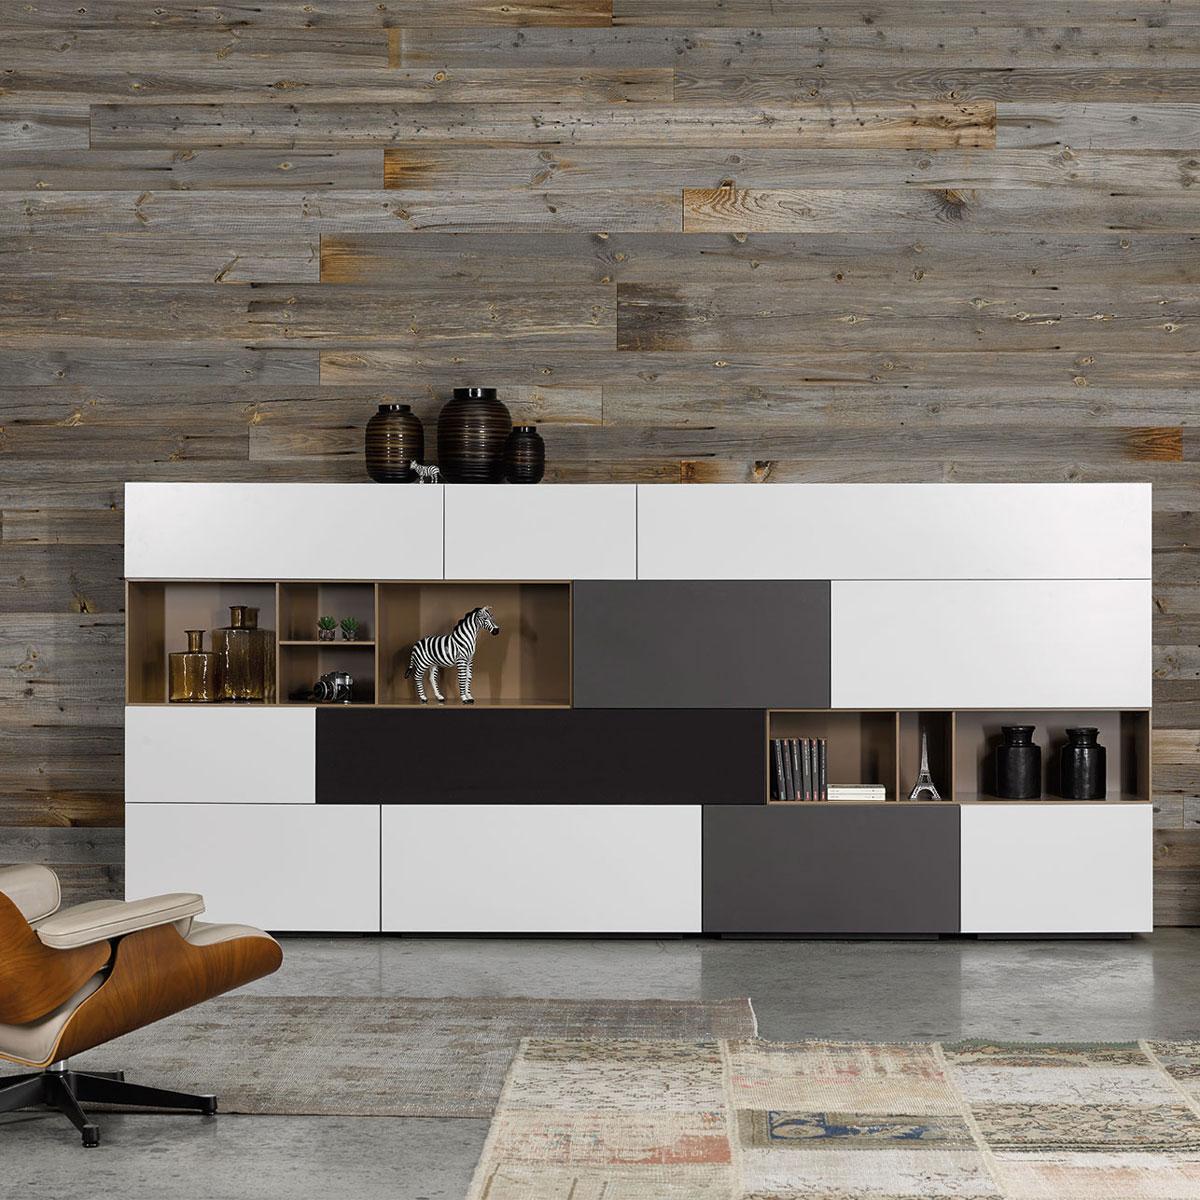 tv m bel und hifi m bel guide wissenswertes rund um tv m bel hifi racks und einrichtung f r. Black Bedroom Furniture Sets. Home Design Ideas